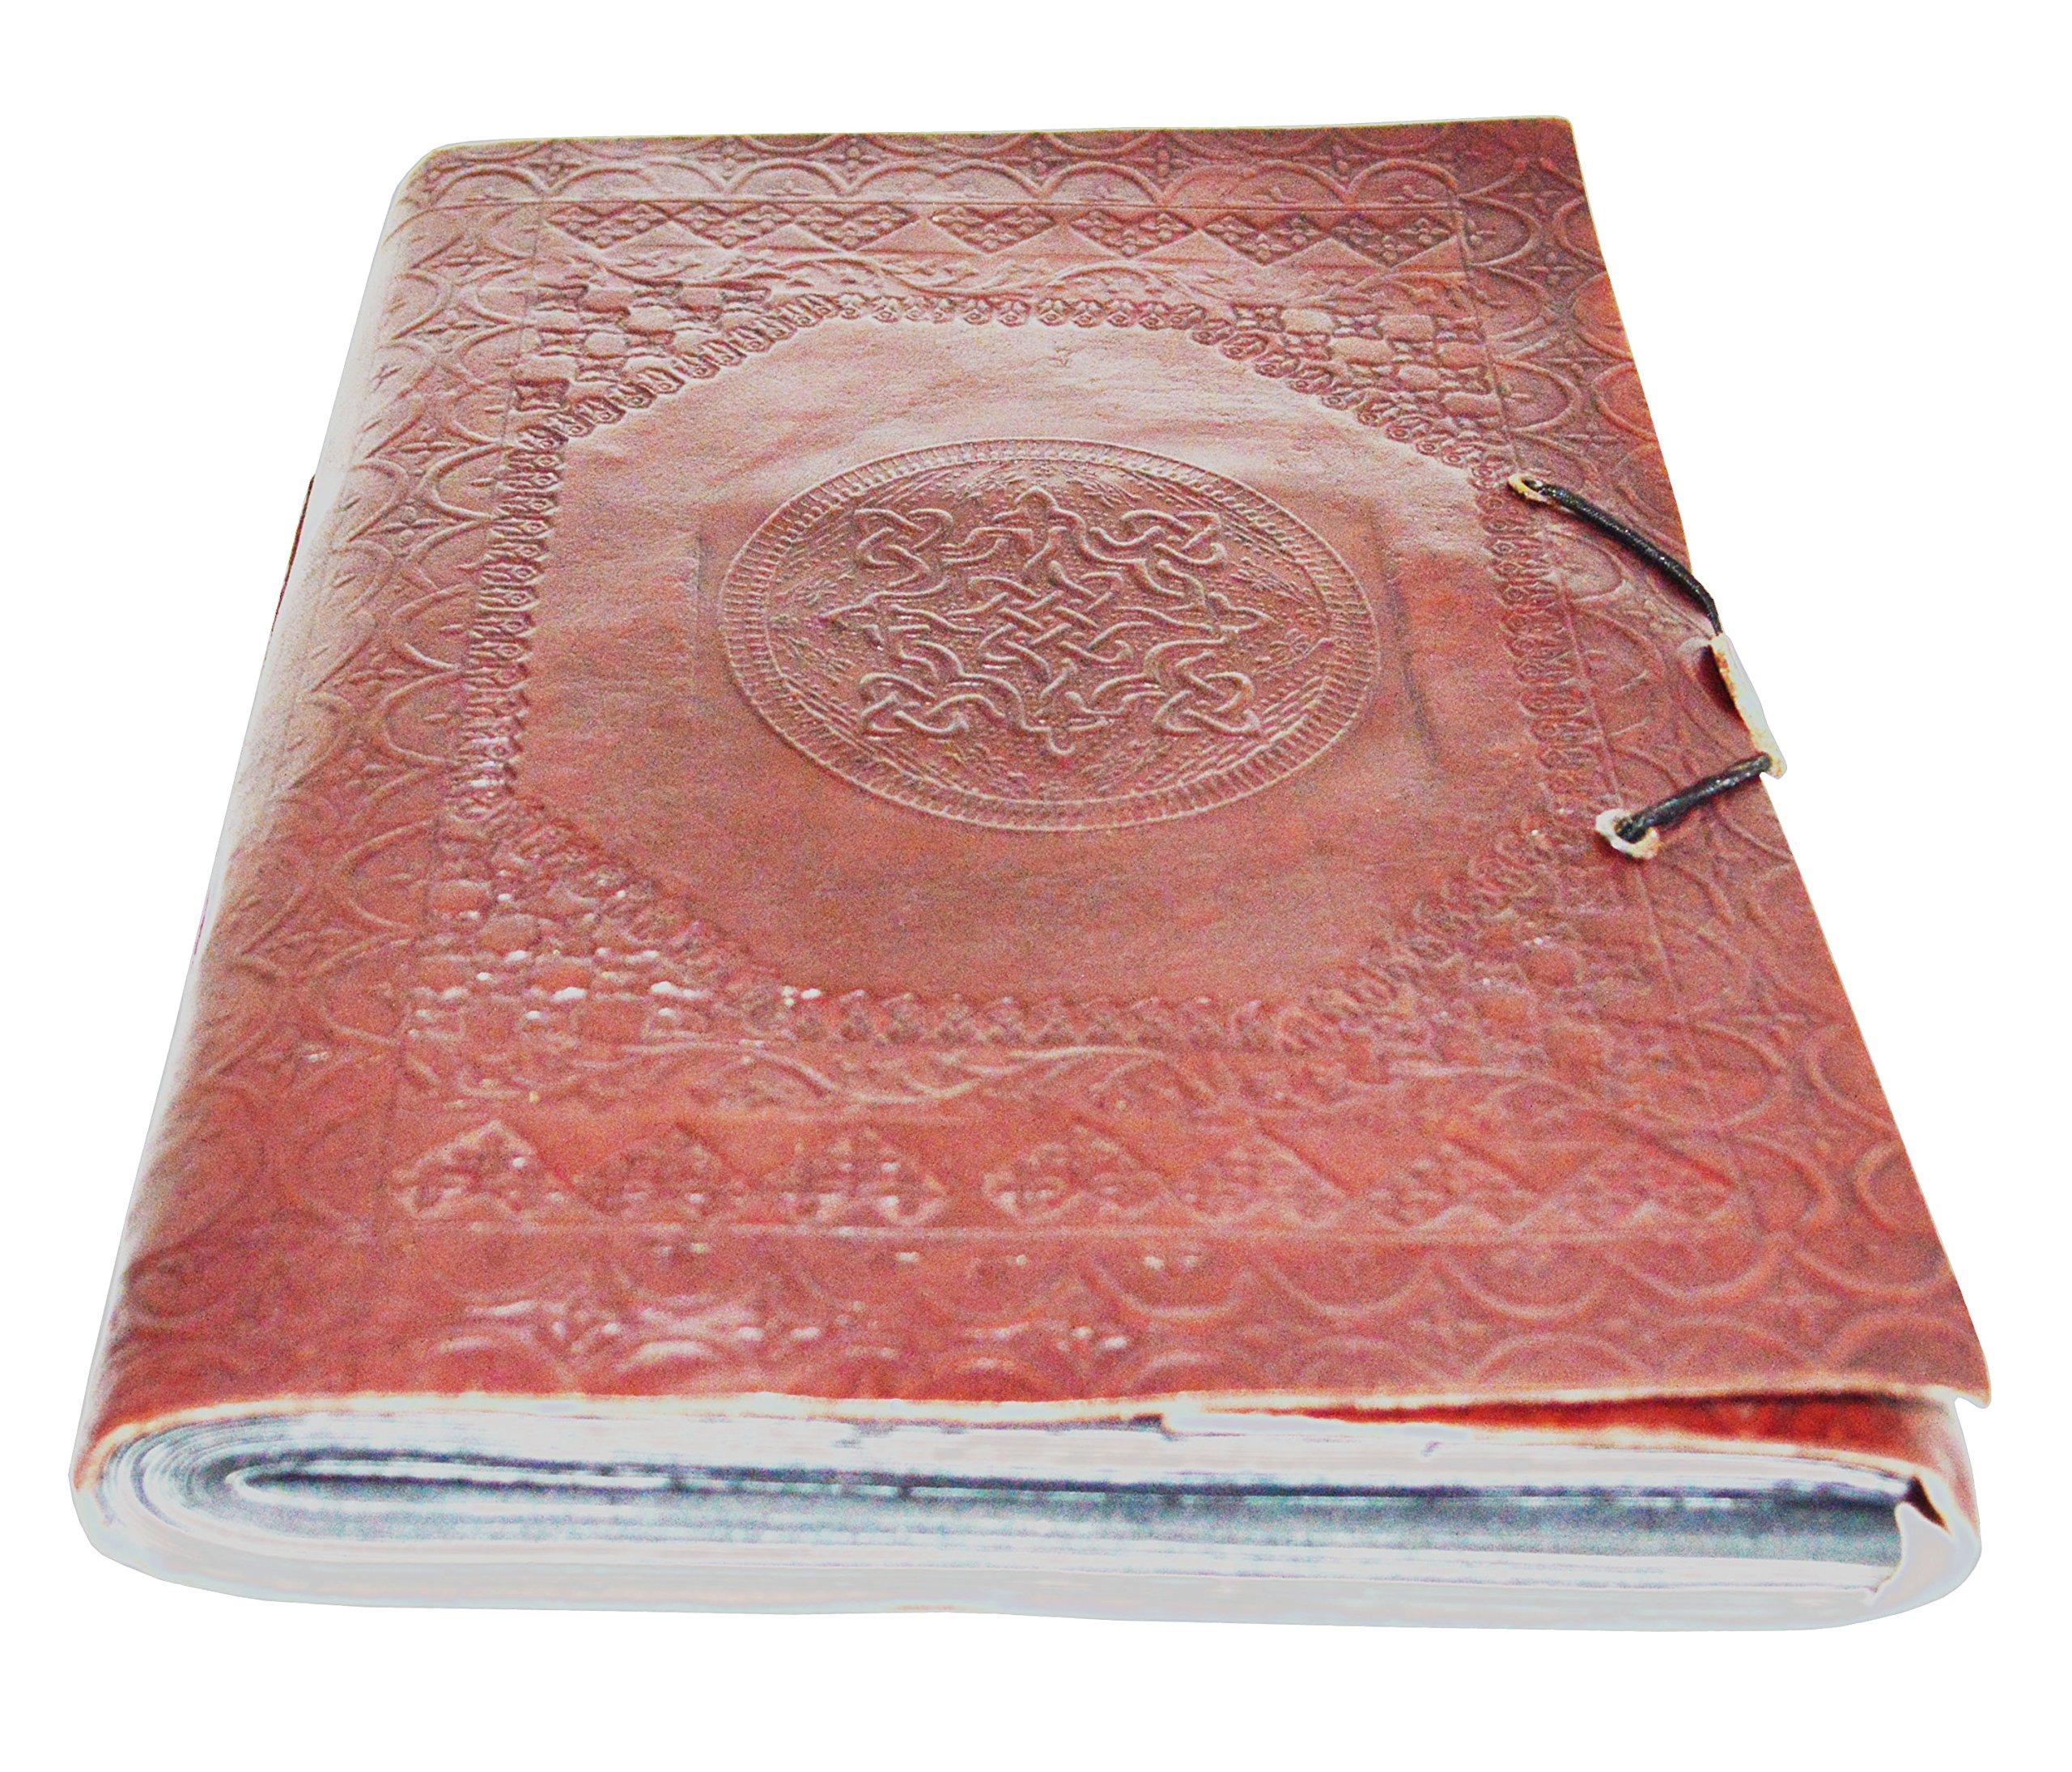 Zap Impex  Medium Celtic Leather Embossed Photo Album Black Cotton Paper Handmade